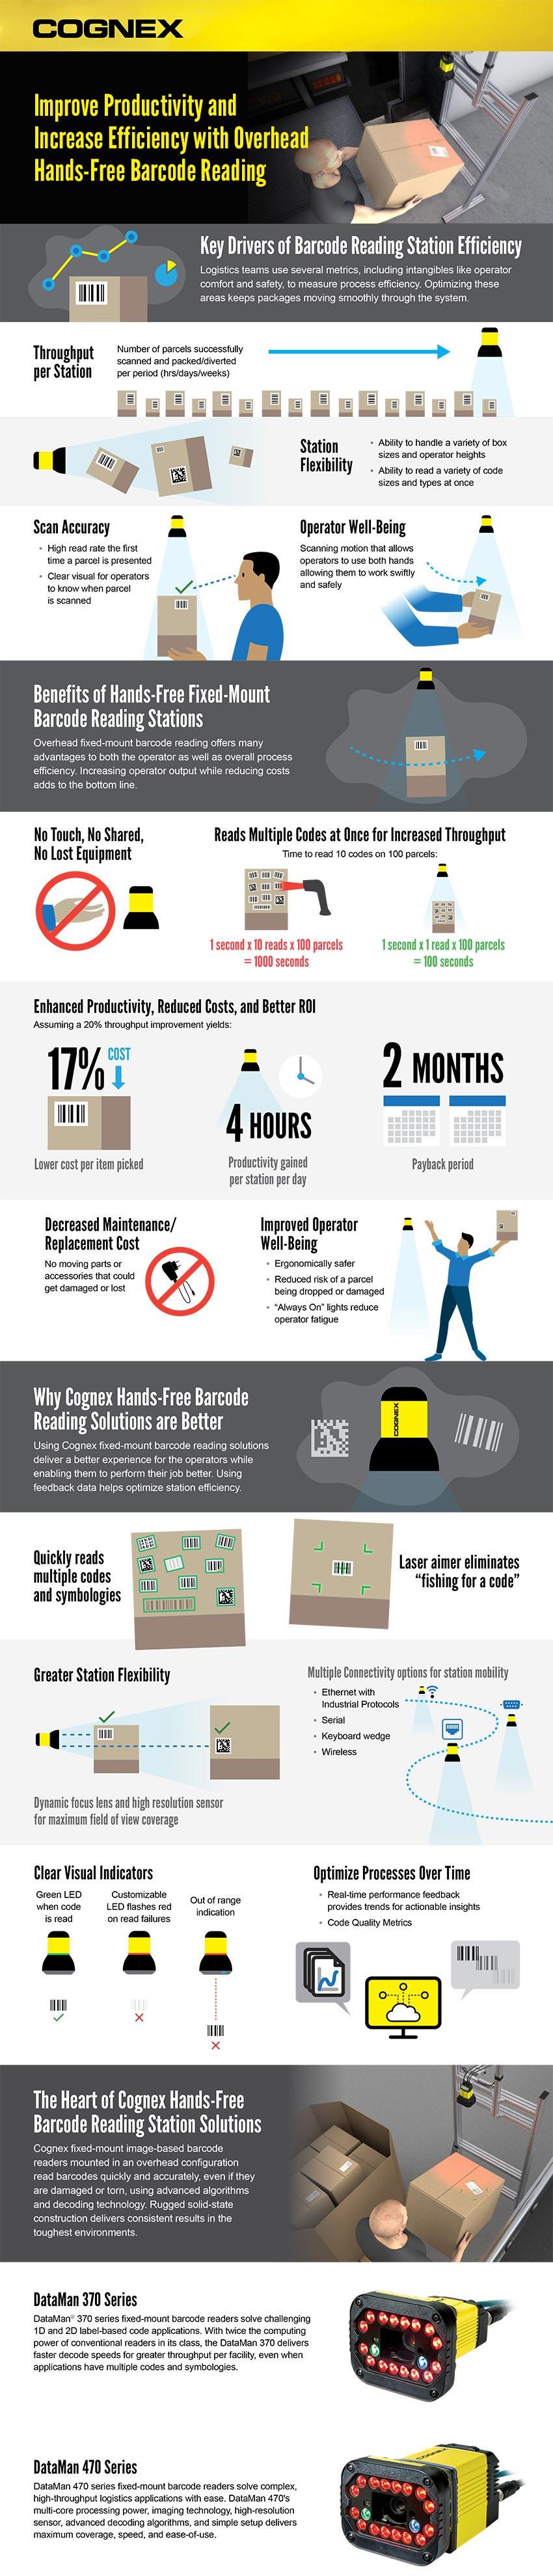 Infografik über die Verbesserung von Produktivität und Effizienz durch freihändiges Overhead-Barcode-Lesen